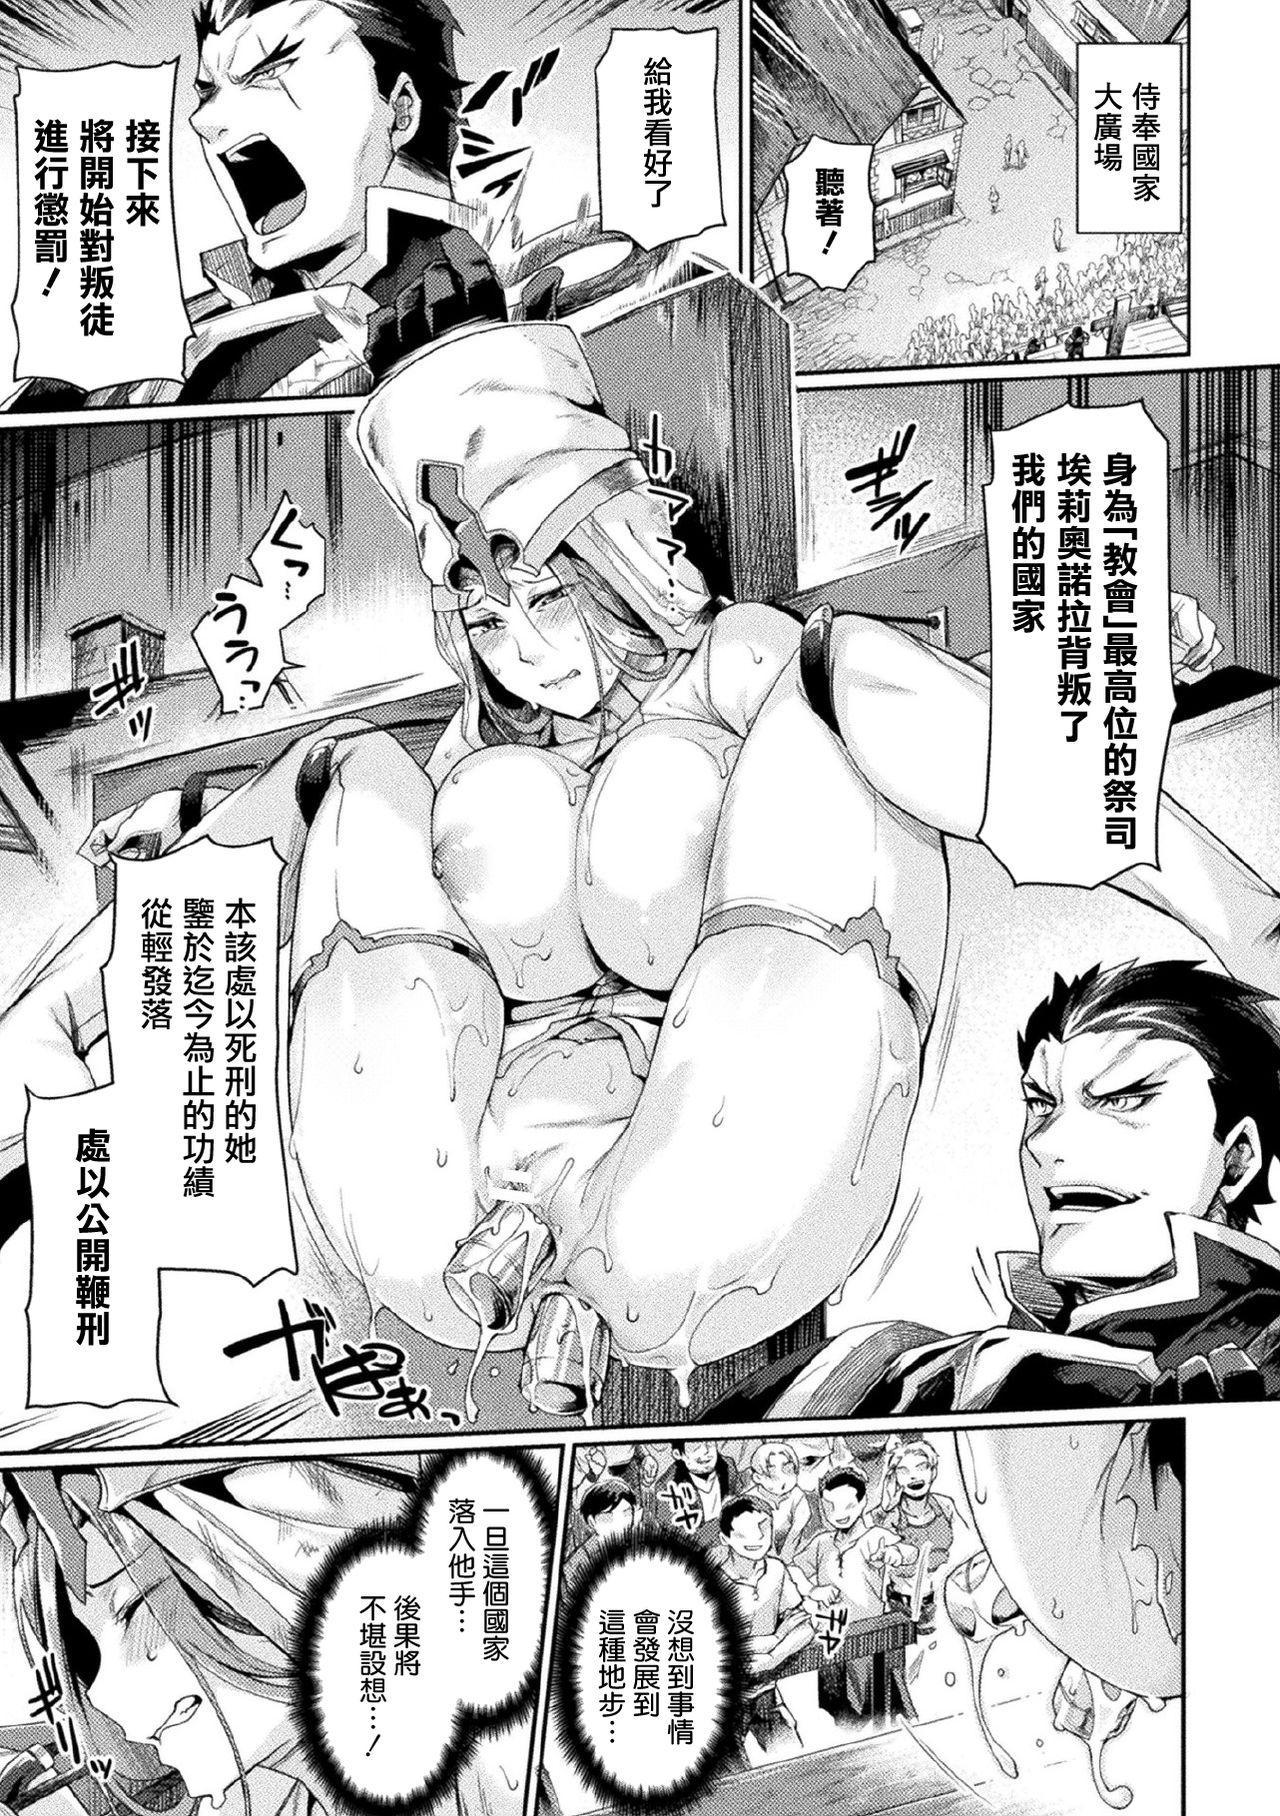 [Tsukitokage] Kuroinu II ~Inyoku ni Somaru Haitoku no Miyako, Futatabi~ THE COMIC Ch. 2 (Haiboku Otome Ecstasy Vol. 21) [Chinese] [鬼畜王漢化組] [Digital] 15